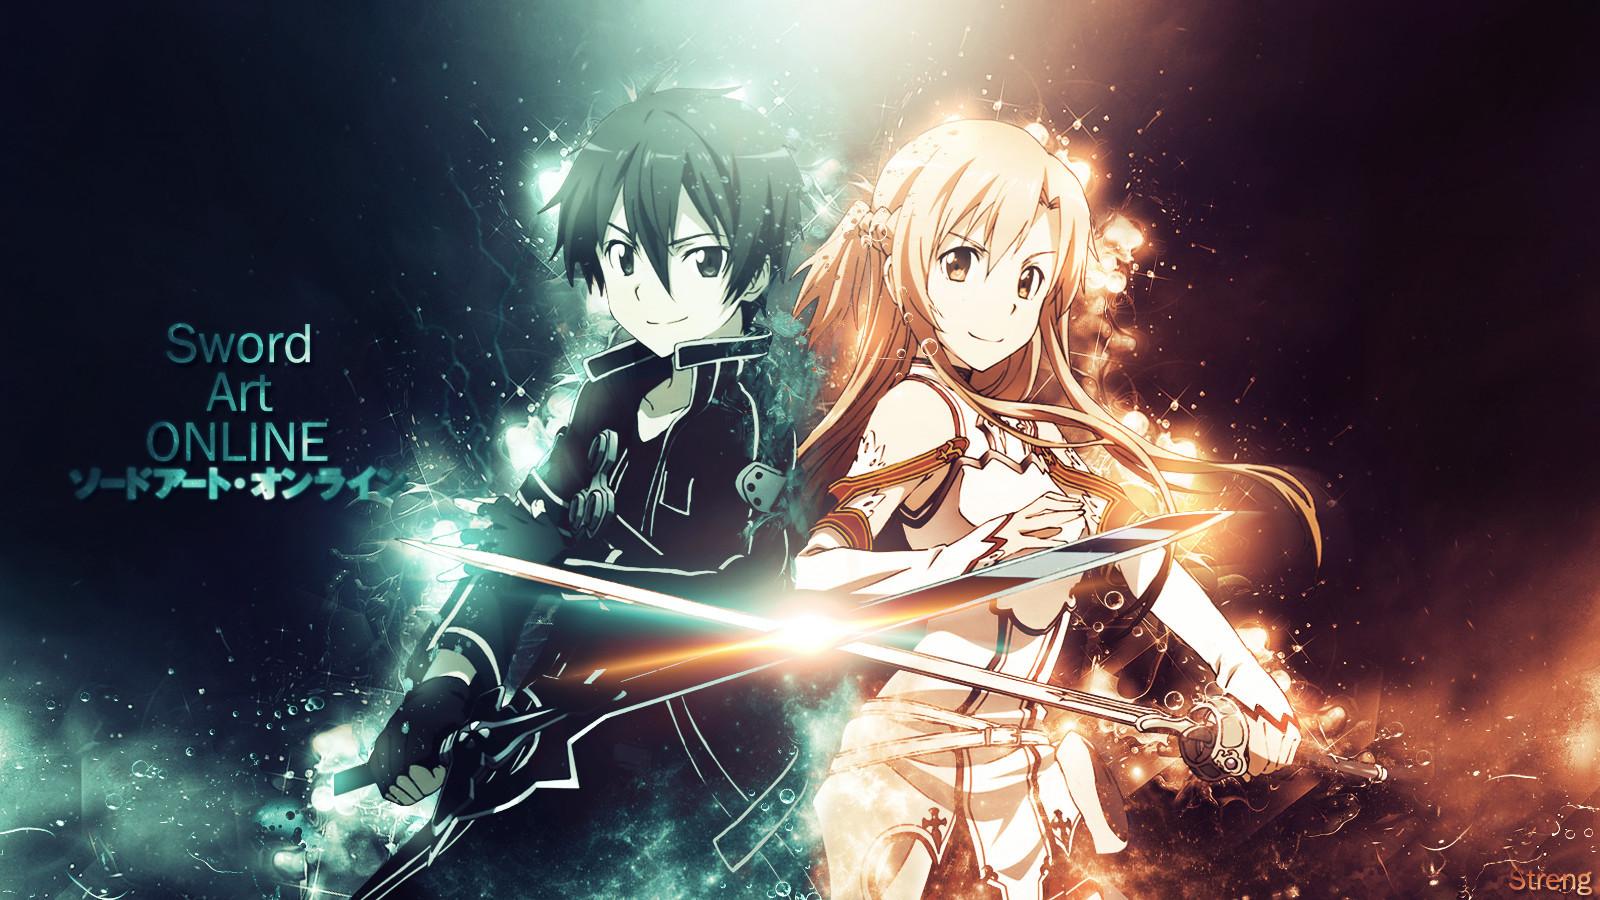 Review of Sword Art Online animeshow rachelroyreviews 1600x900